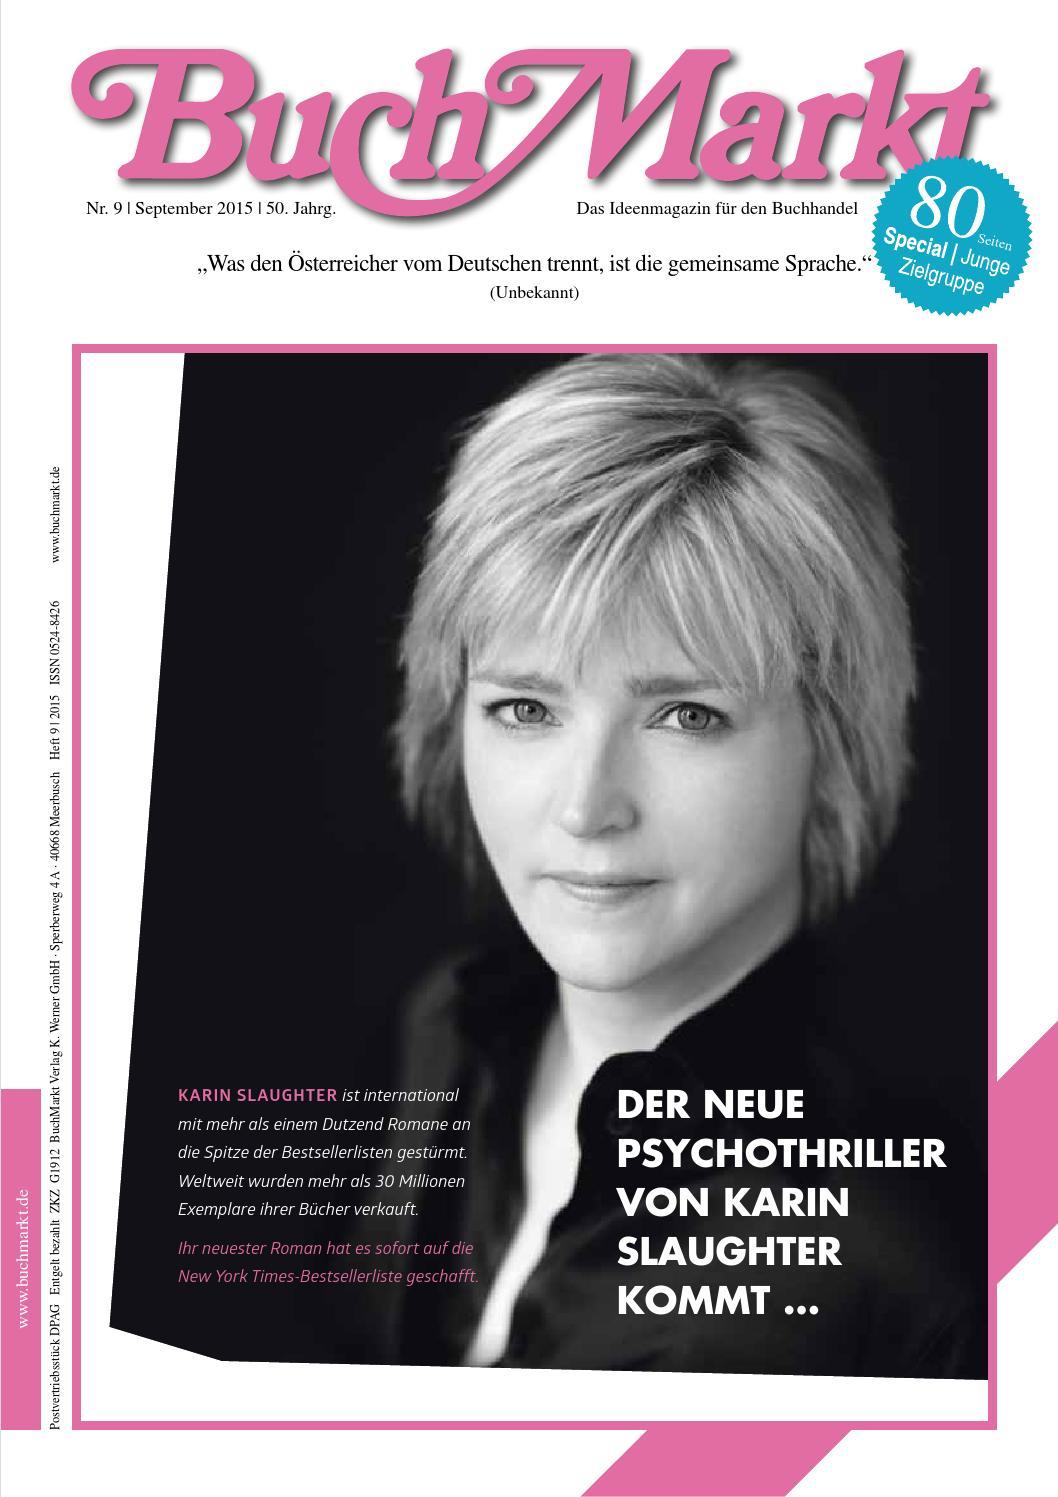 BuchMarkt Leseprobe & Verlagsanzeigen 9/2015 by BuchMarkt - issuu